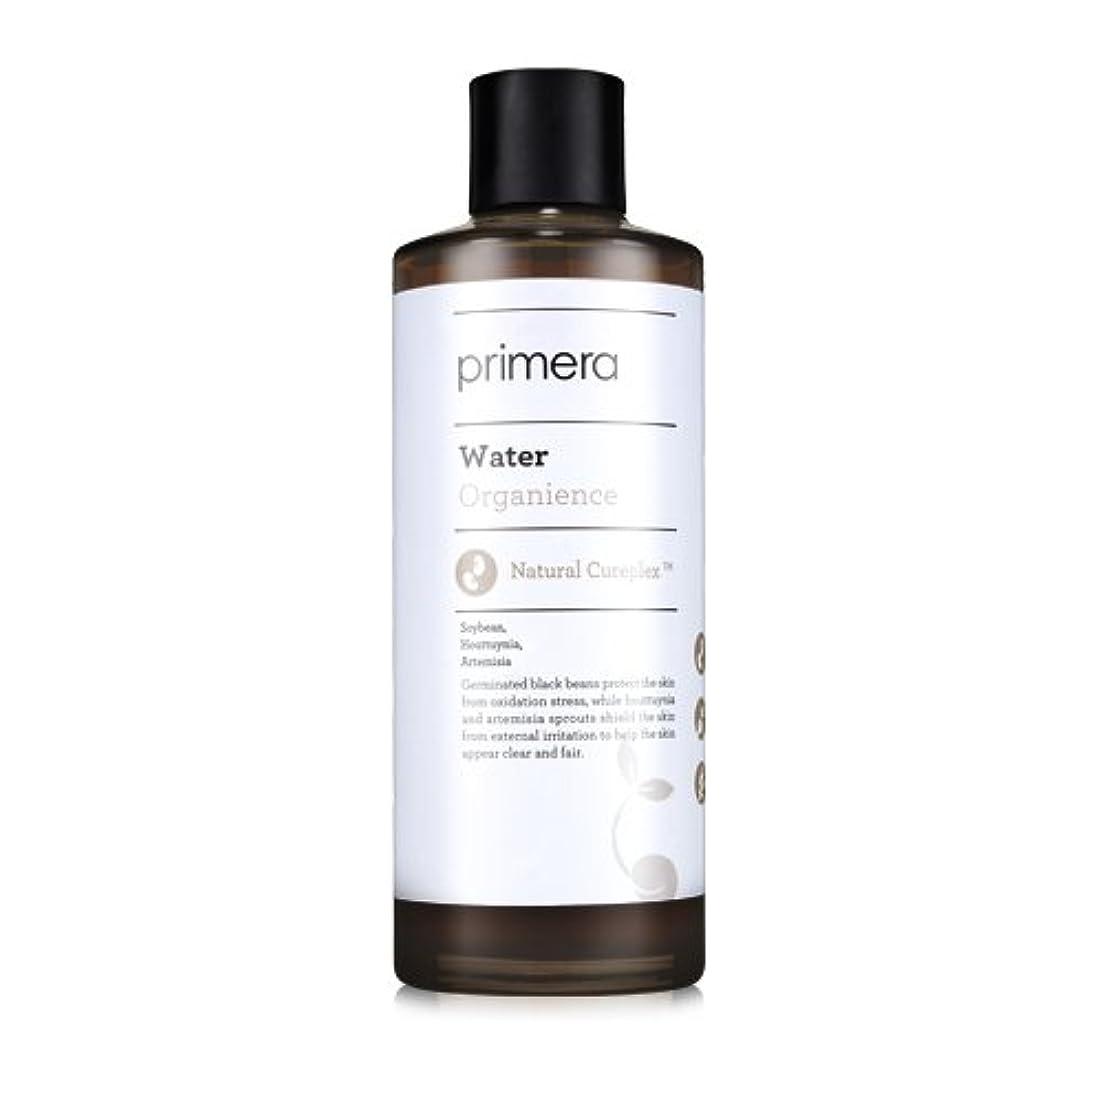 パプアニューギニアマットレス系譜PRIMERA プリメラ オーガニエンス エマルジョン(Organience Emulsion)乳液 150ml